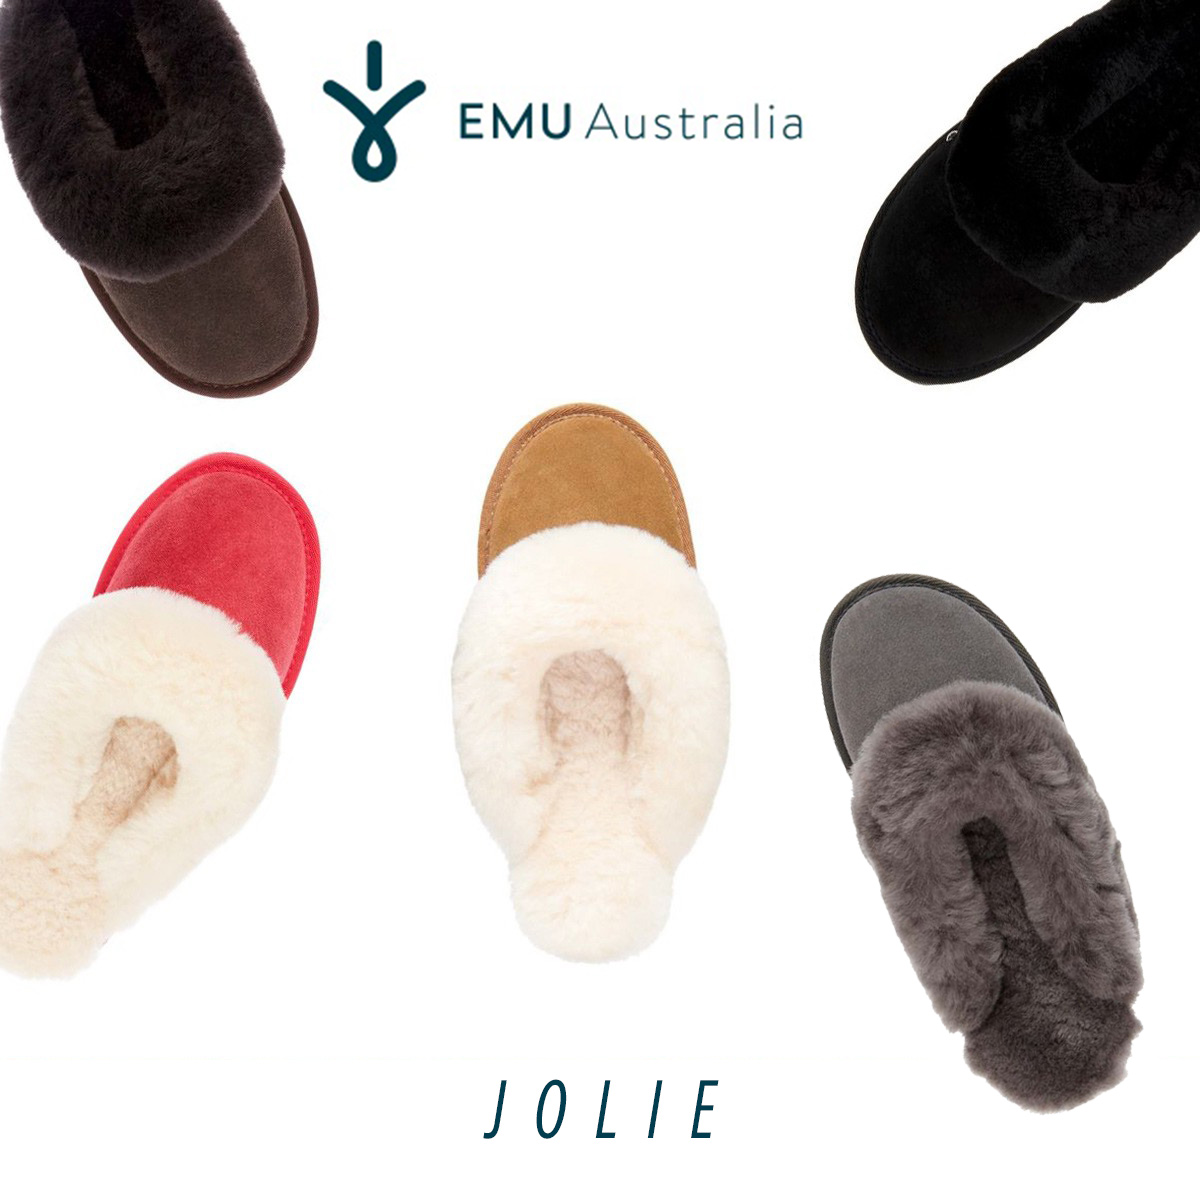 ムートン サンダル スリッパ ルームシューズ ファー エミュ エミュー EMU Jolie ジョリー W10015 ボア レディース もこもこ 野外兼用 2018 送料無料